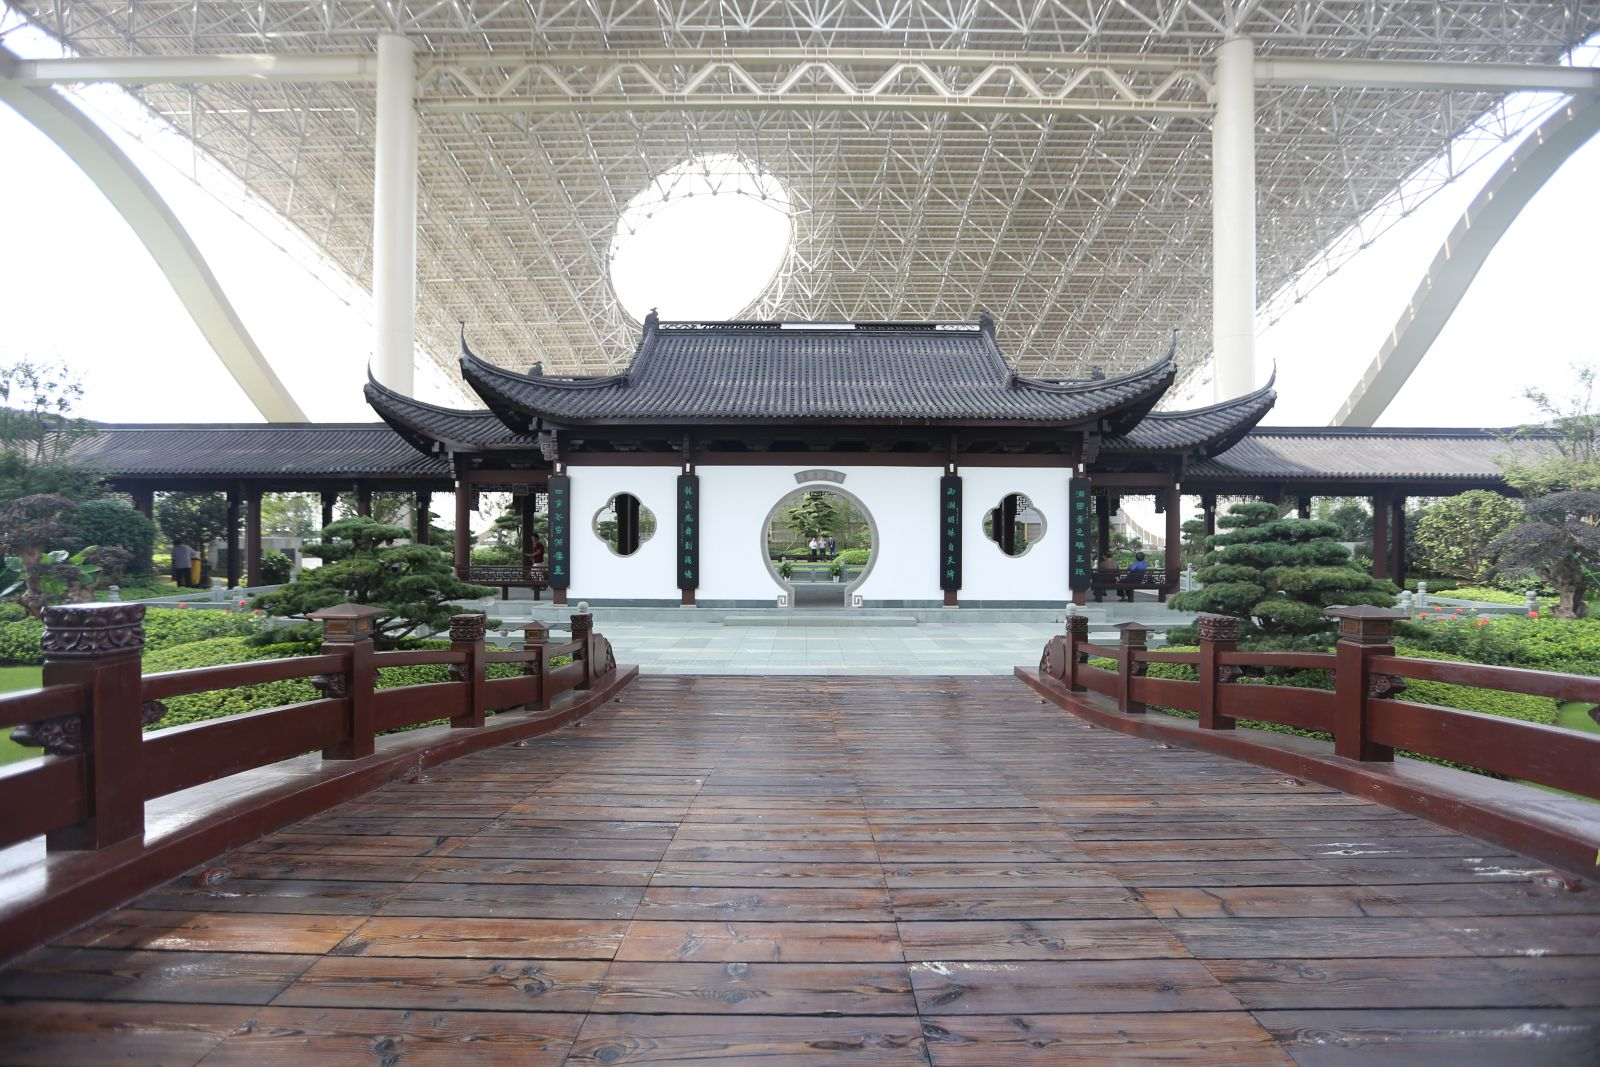 2016新世纪娱乐专业奖参赛项目:杭州国际博览中心屋面园林绿化工程